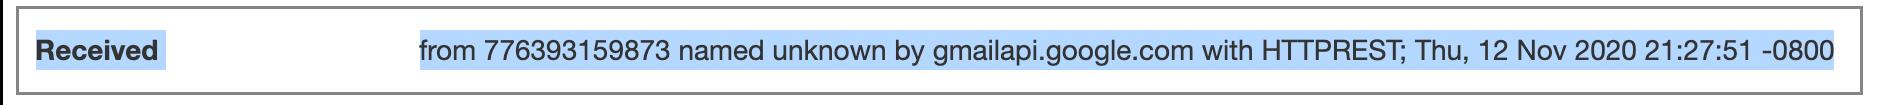 API received header line